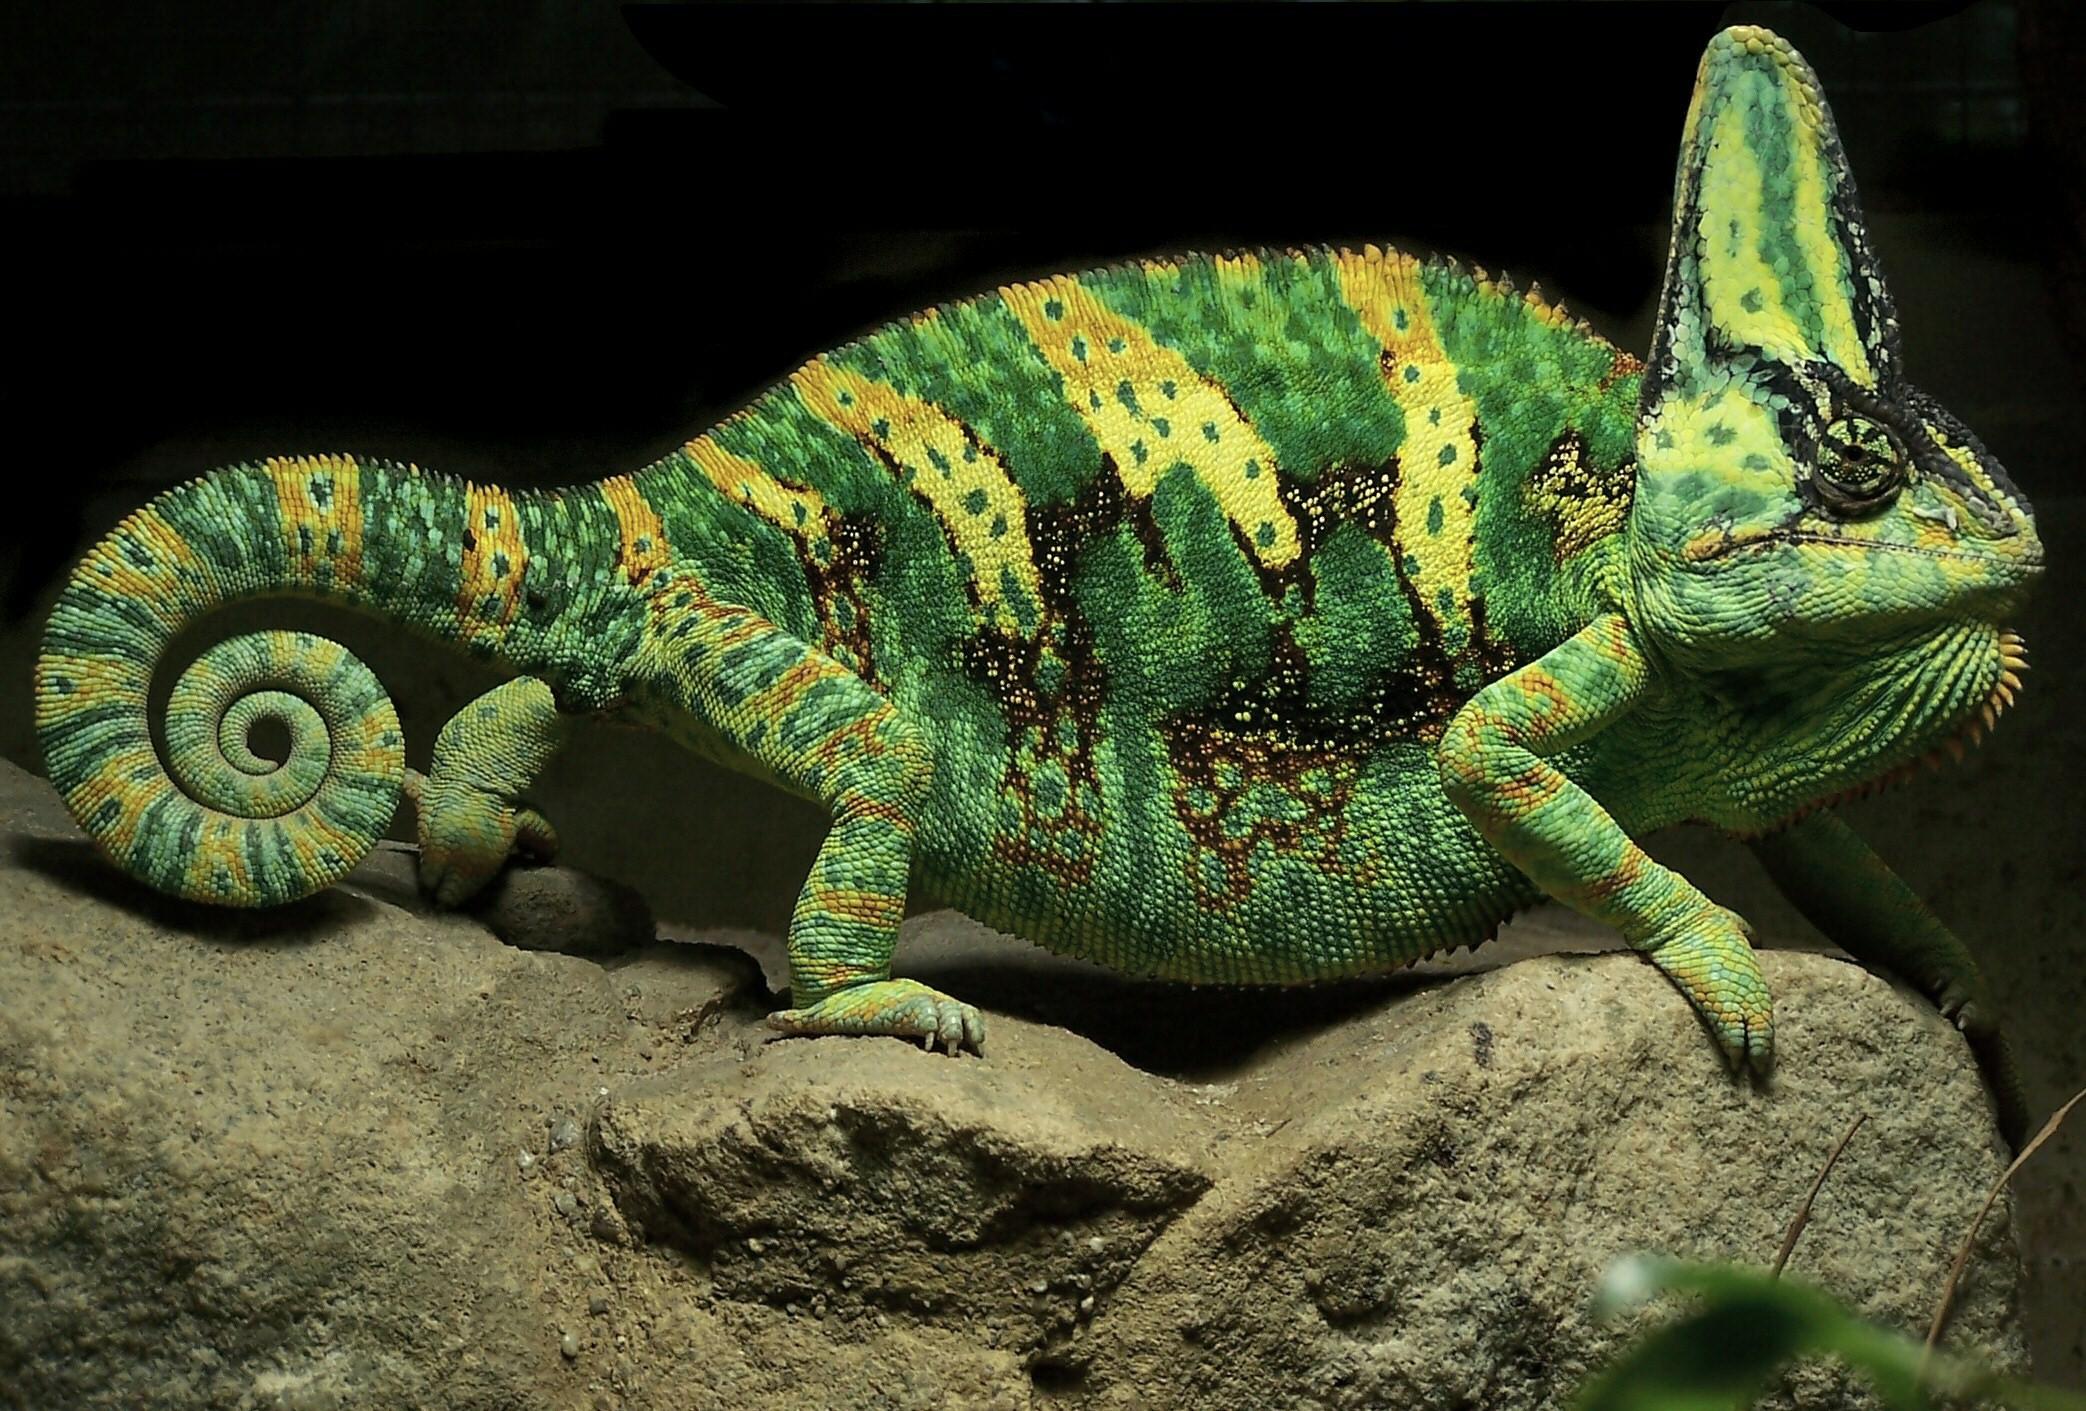 Veiled chameleon skeleton - photo#27